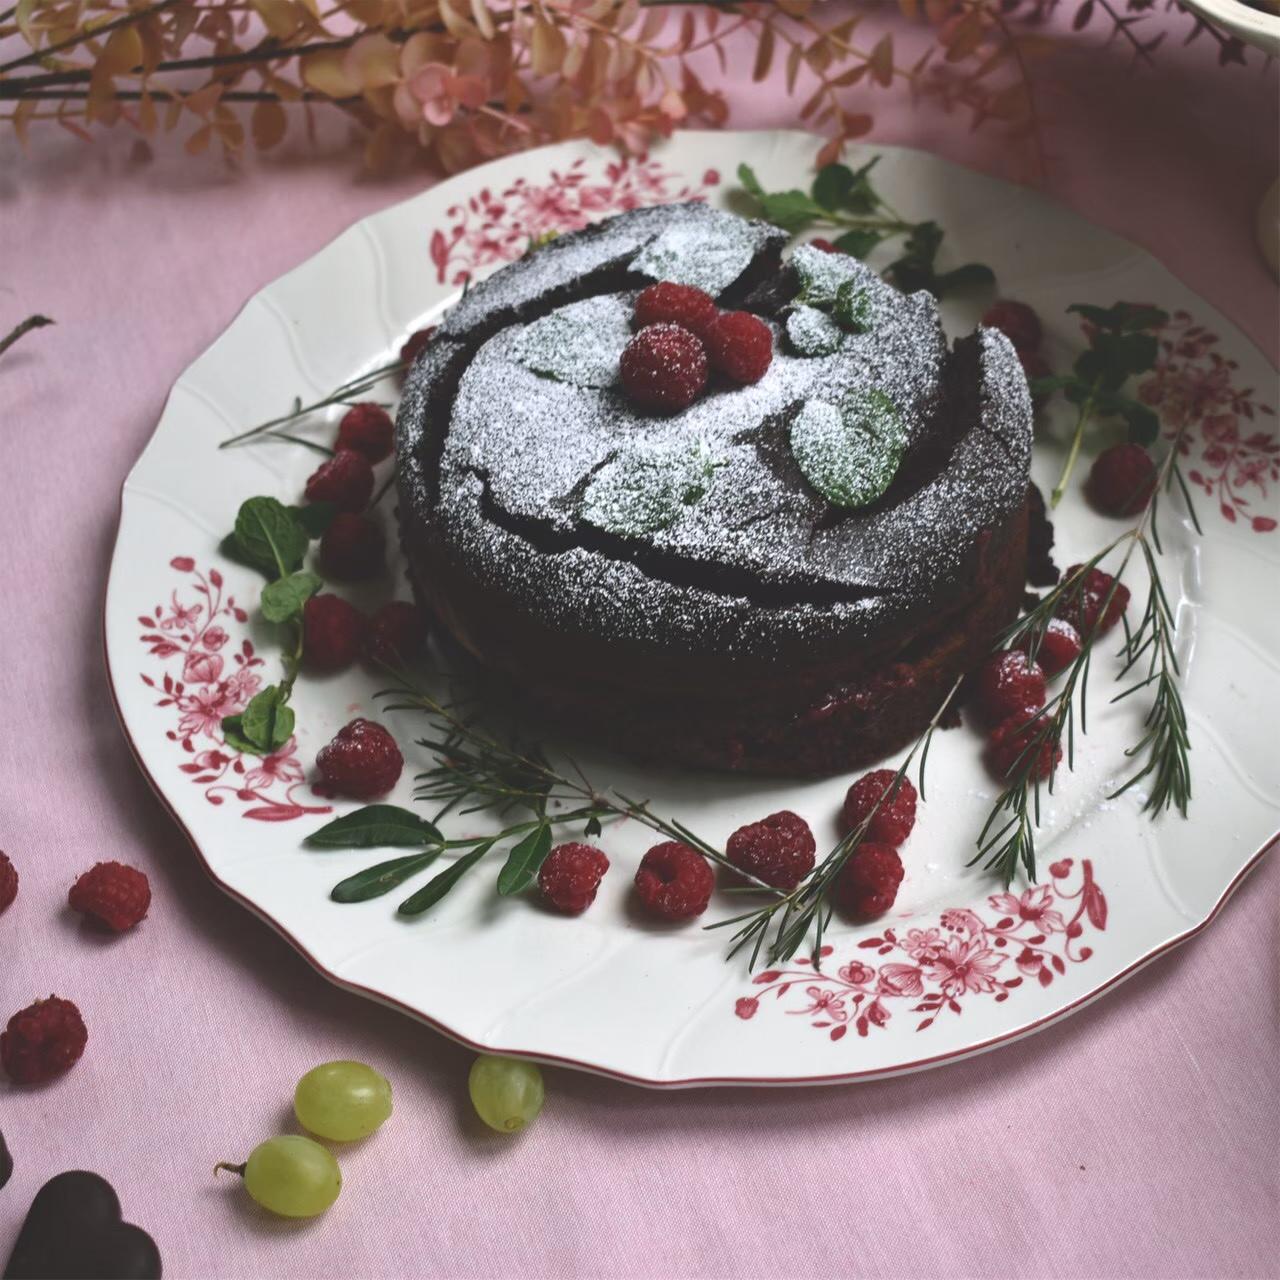 優しい雰囲気のビレロイボッホで愛らしいガトーショコラのクリスマス